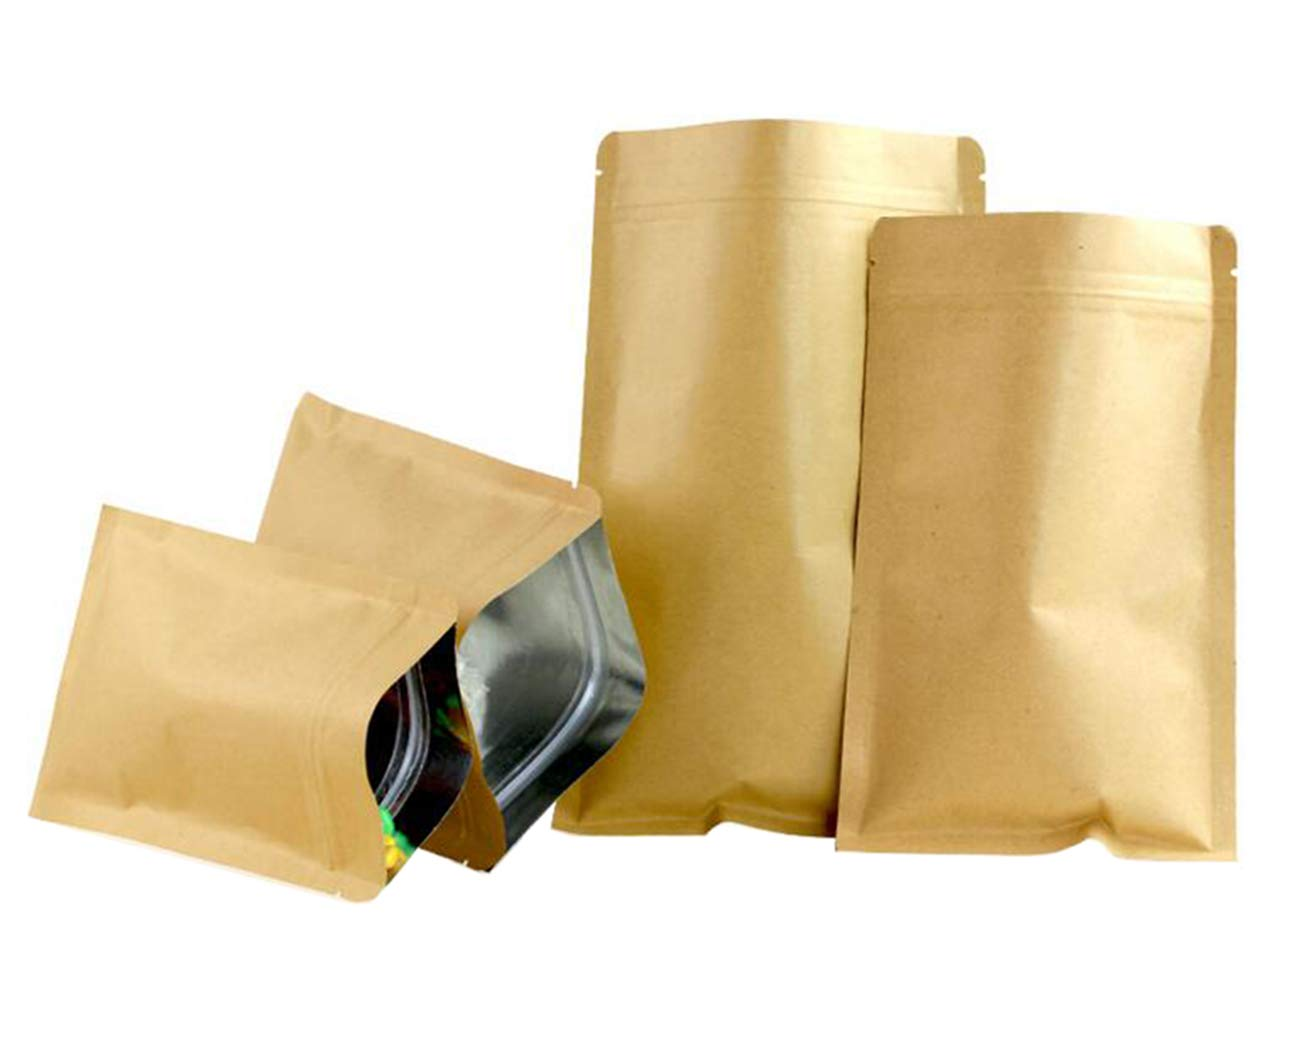 50PCS (5.5Mil) Brown Kraft Carta ermetica a base piatta Borsa a chiusura lampo con cerniera sacchetti caffè tè in polvere di imballaggio Organizzatore titolare di alluminio sacchetto di alluminio per Candy Snack Nut Cibo secco(6CM x 8CM) Upstore